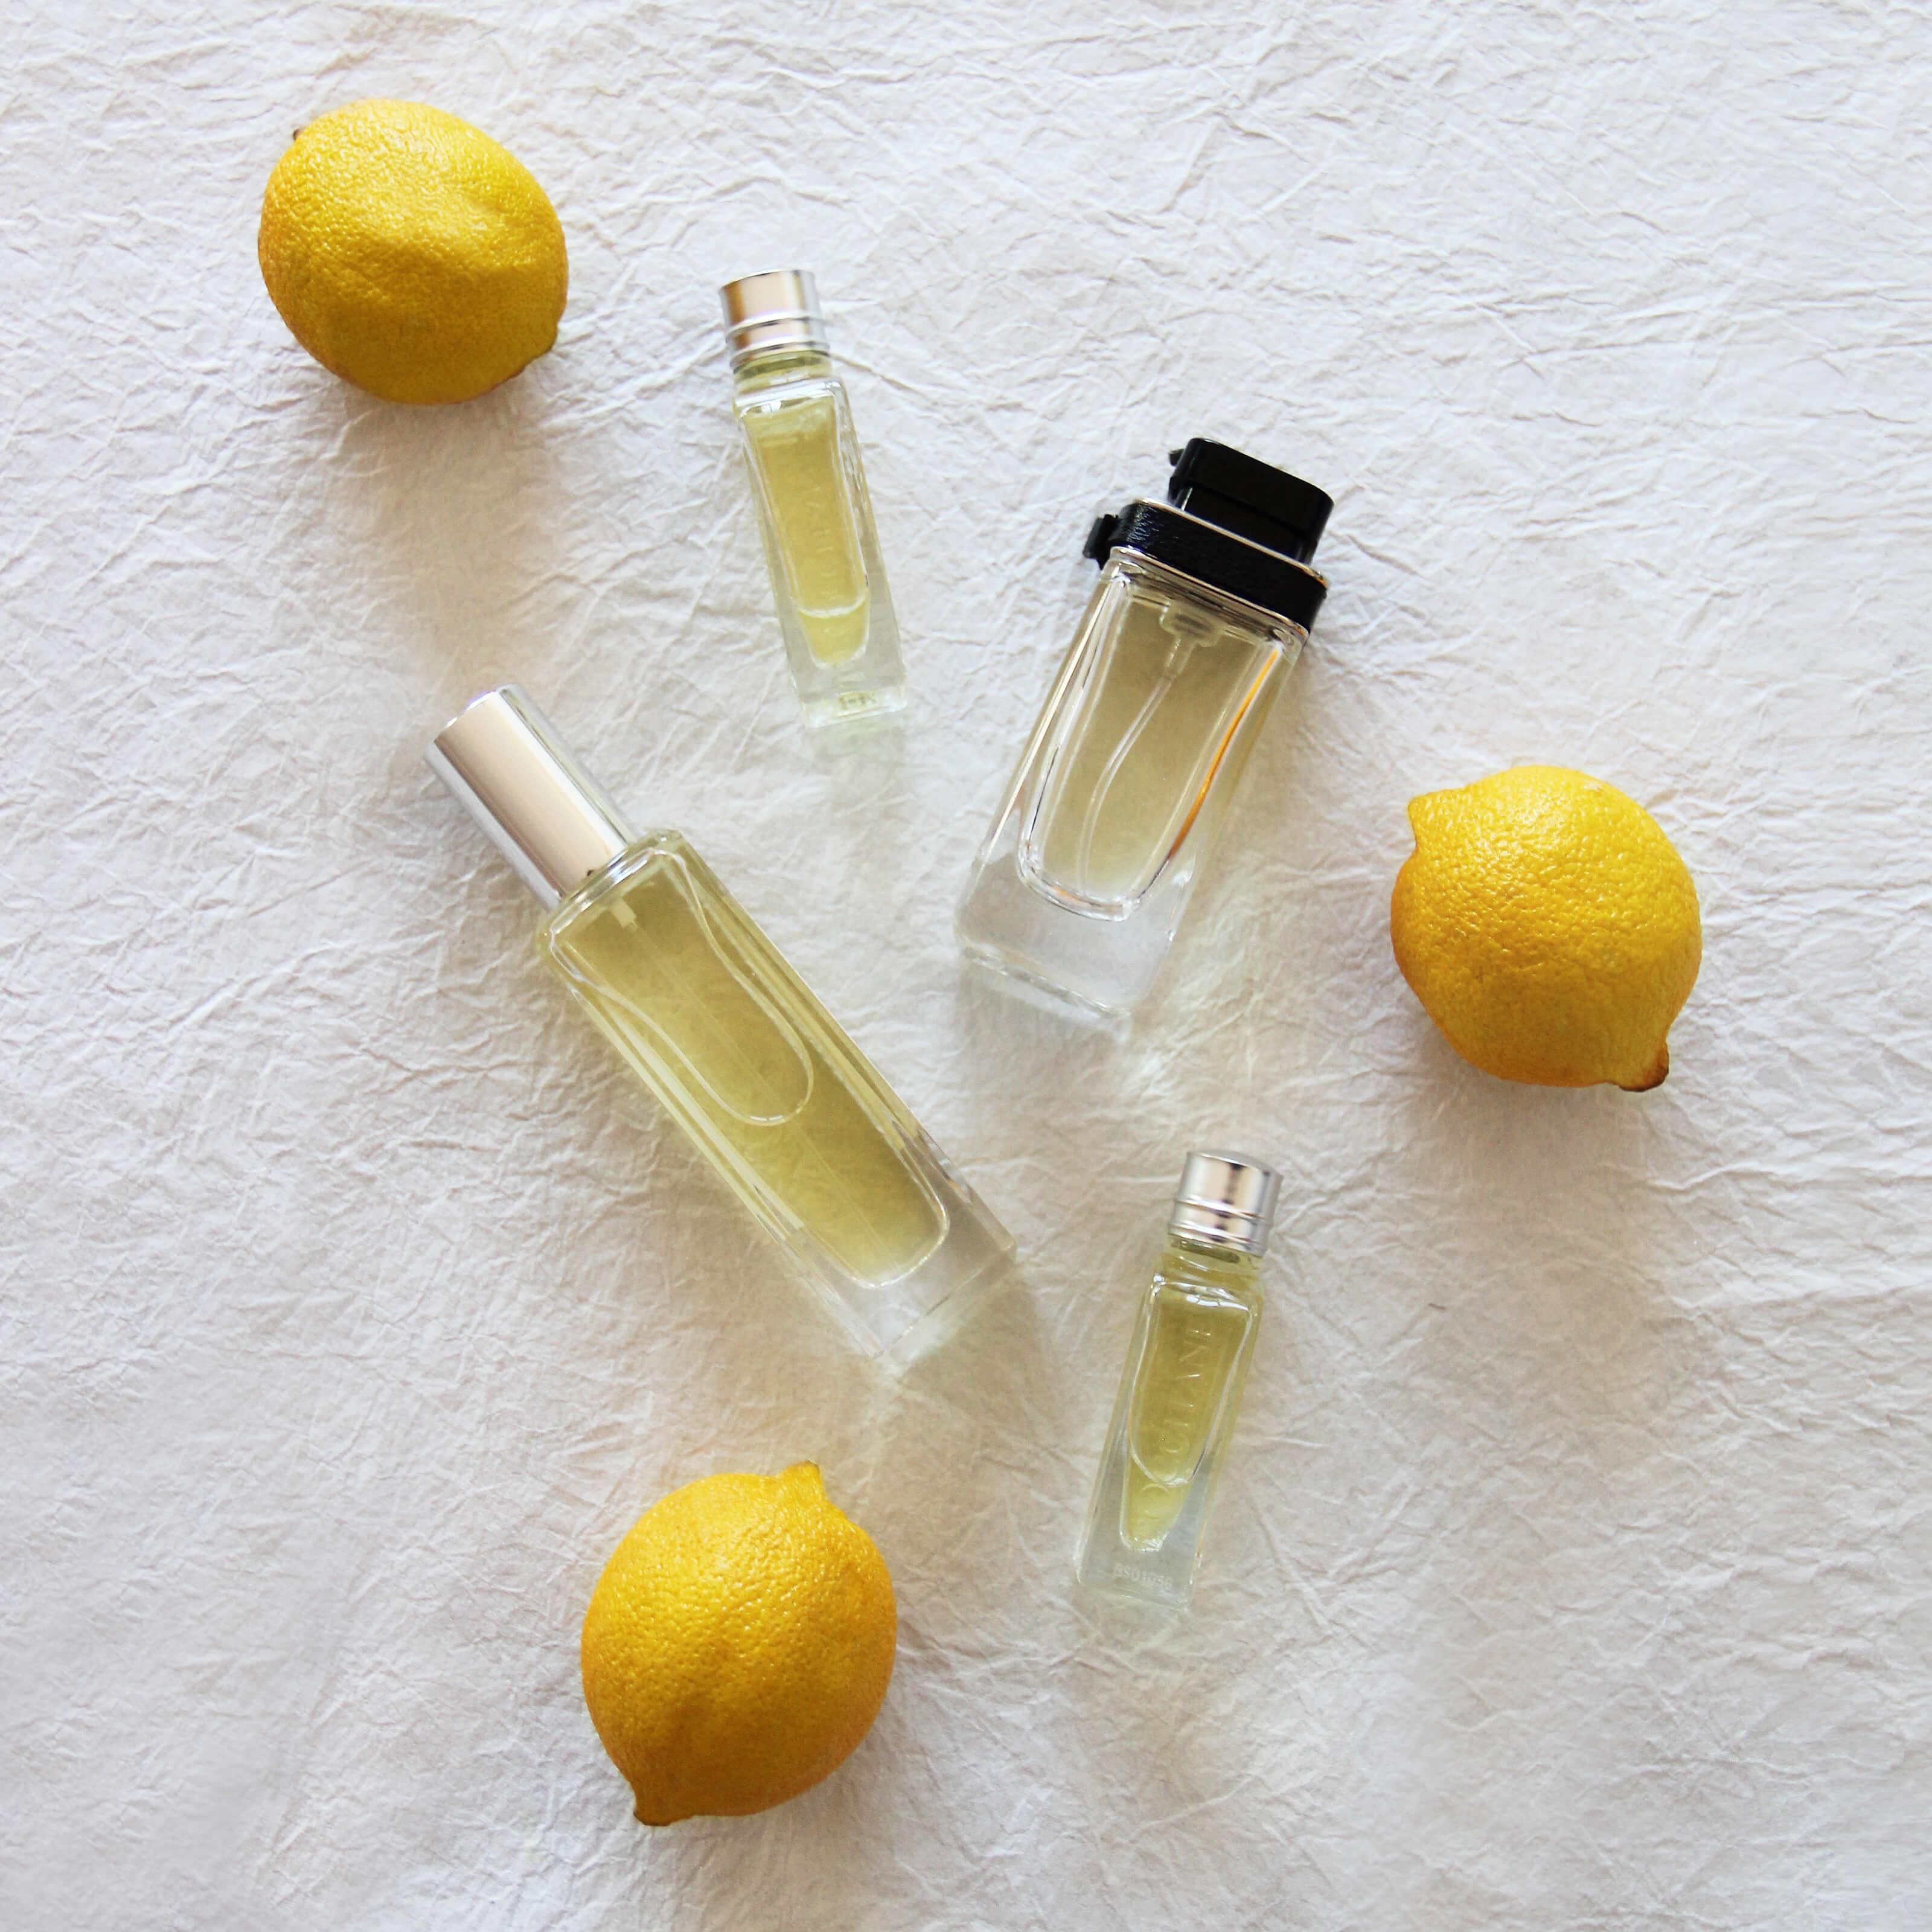 perfume bottles, lemons